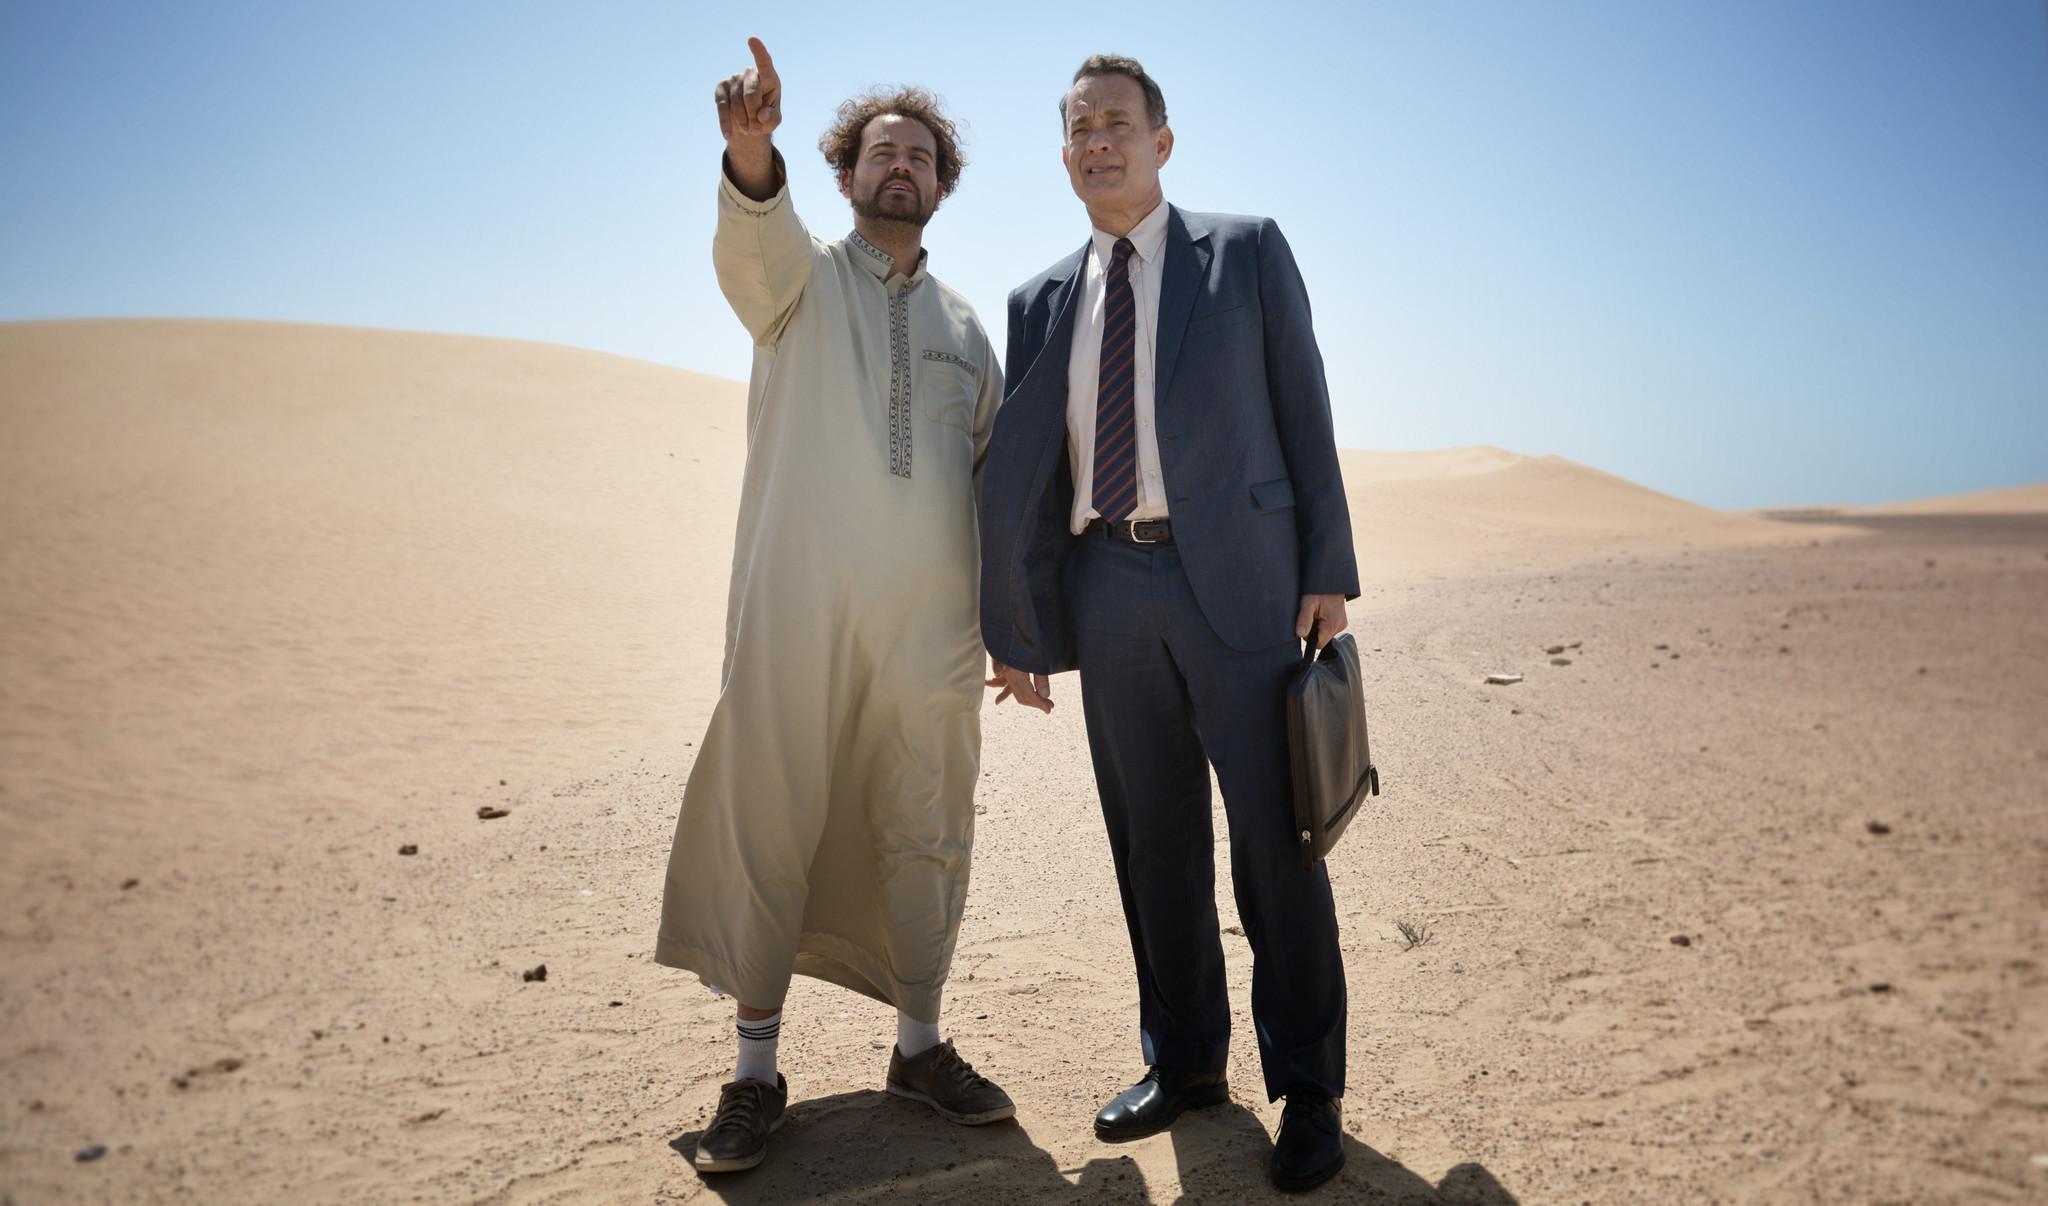 Tom Hanks i rollen som Alan Clay ut i öknen med sin chaufför